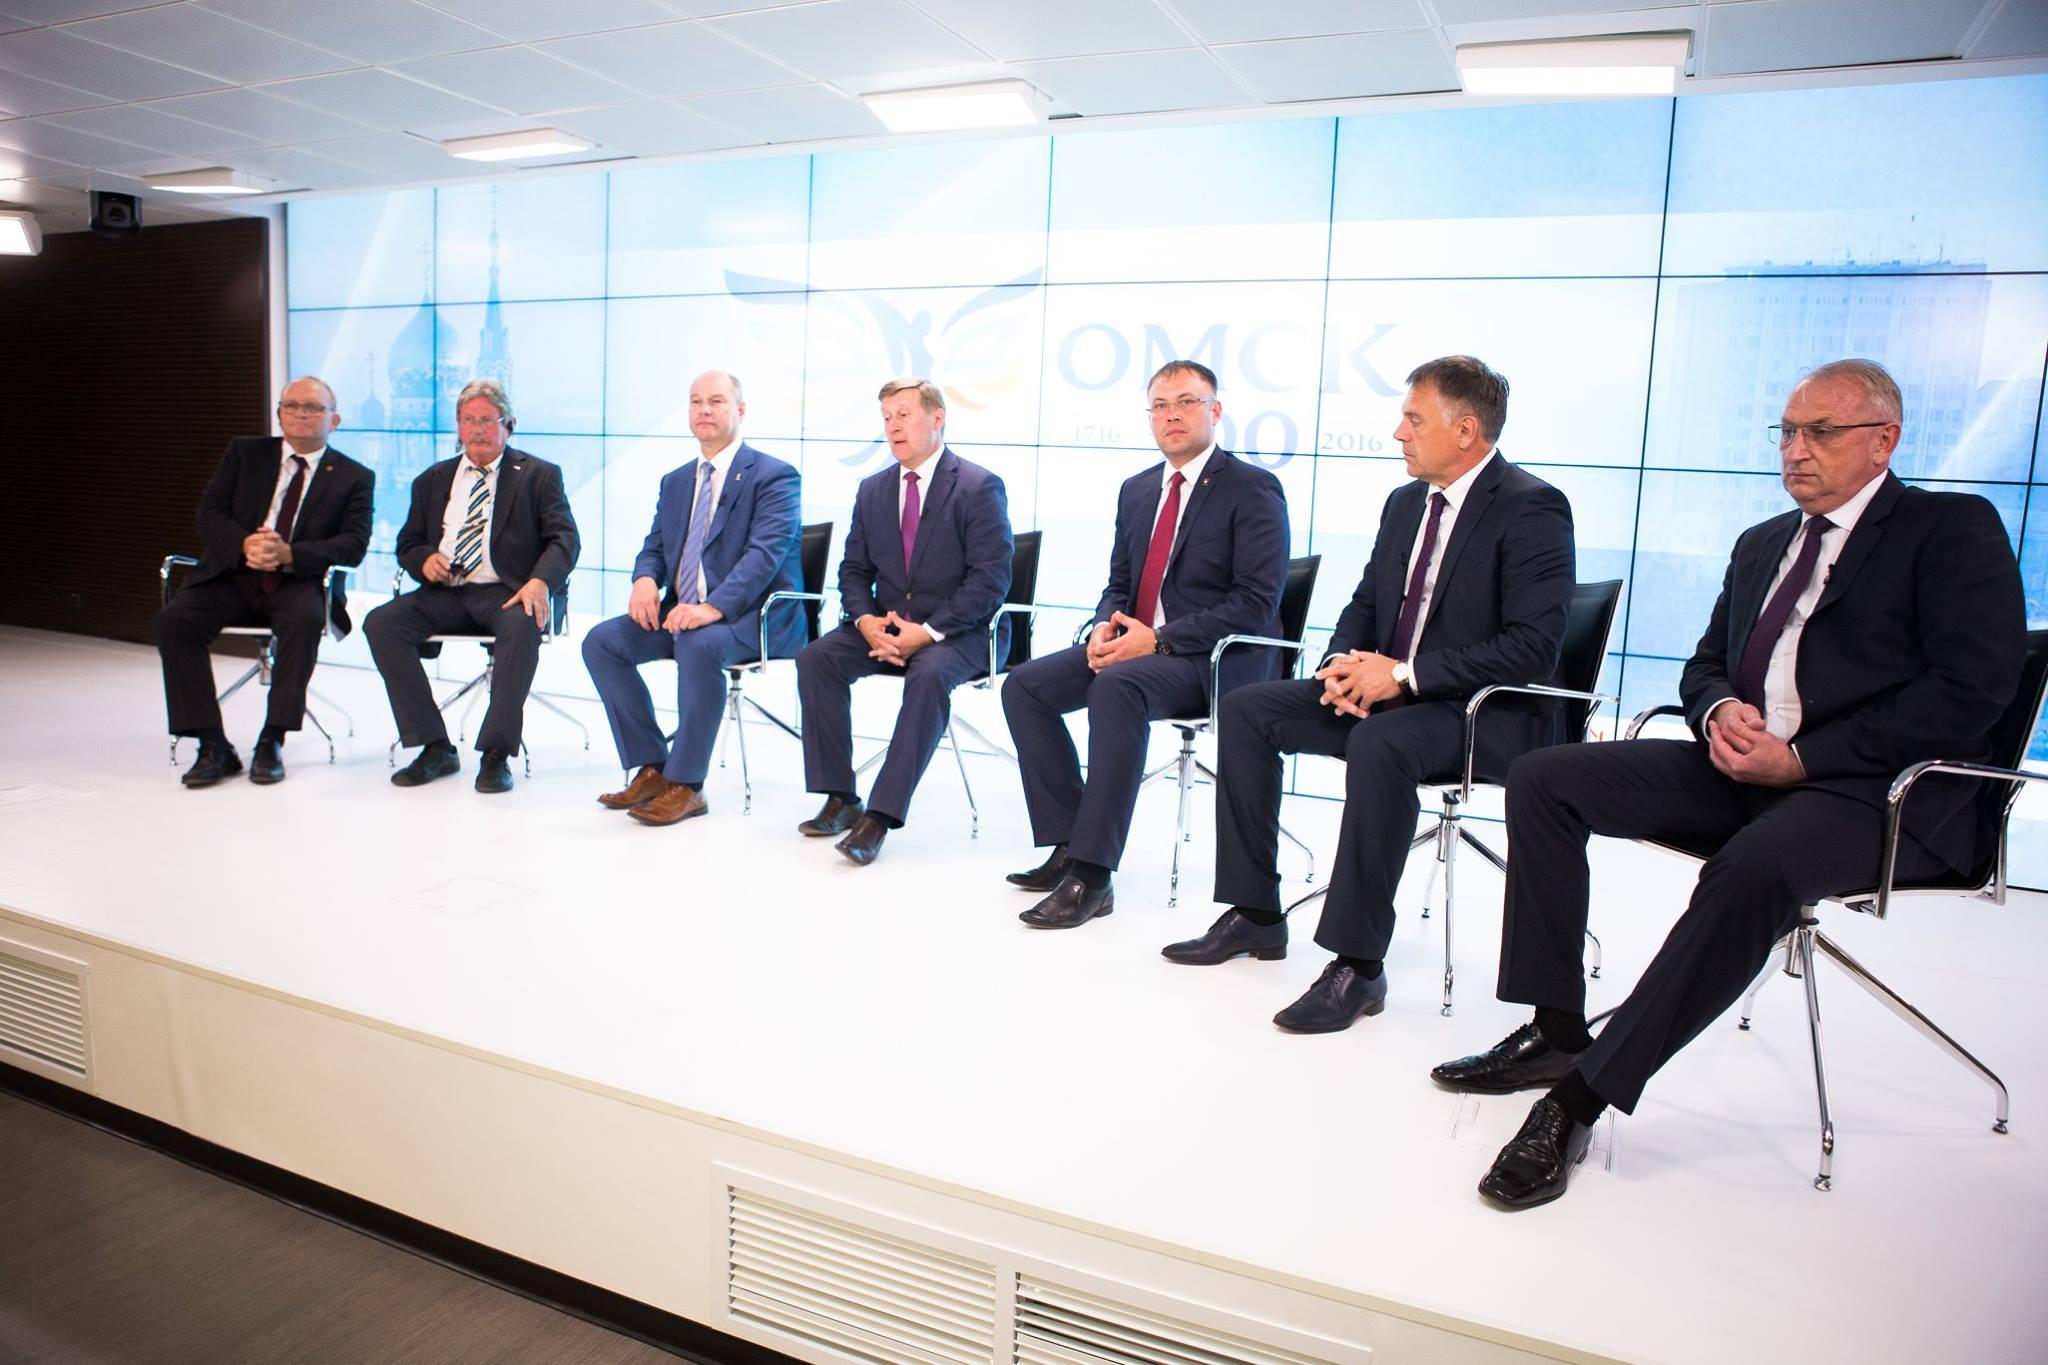 Мэры российских городов высоко оценили производственные мощности холдинга «МКР-Медиа»